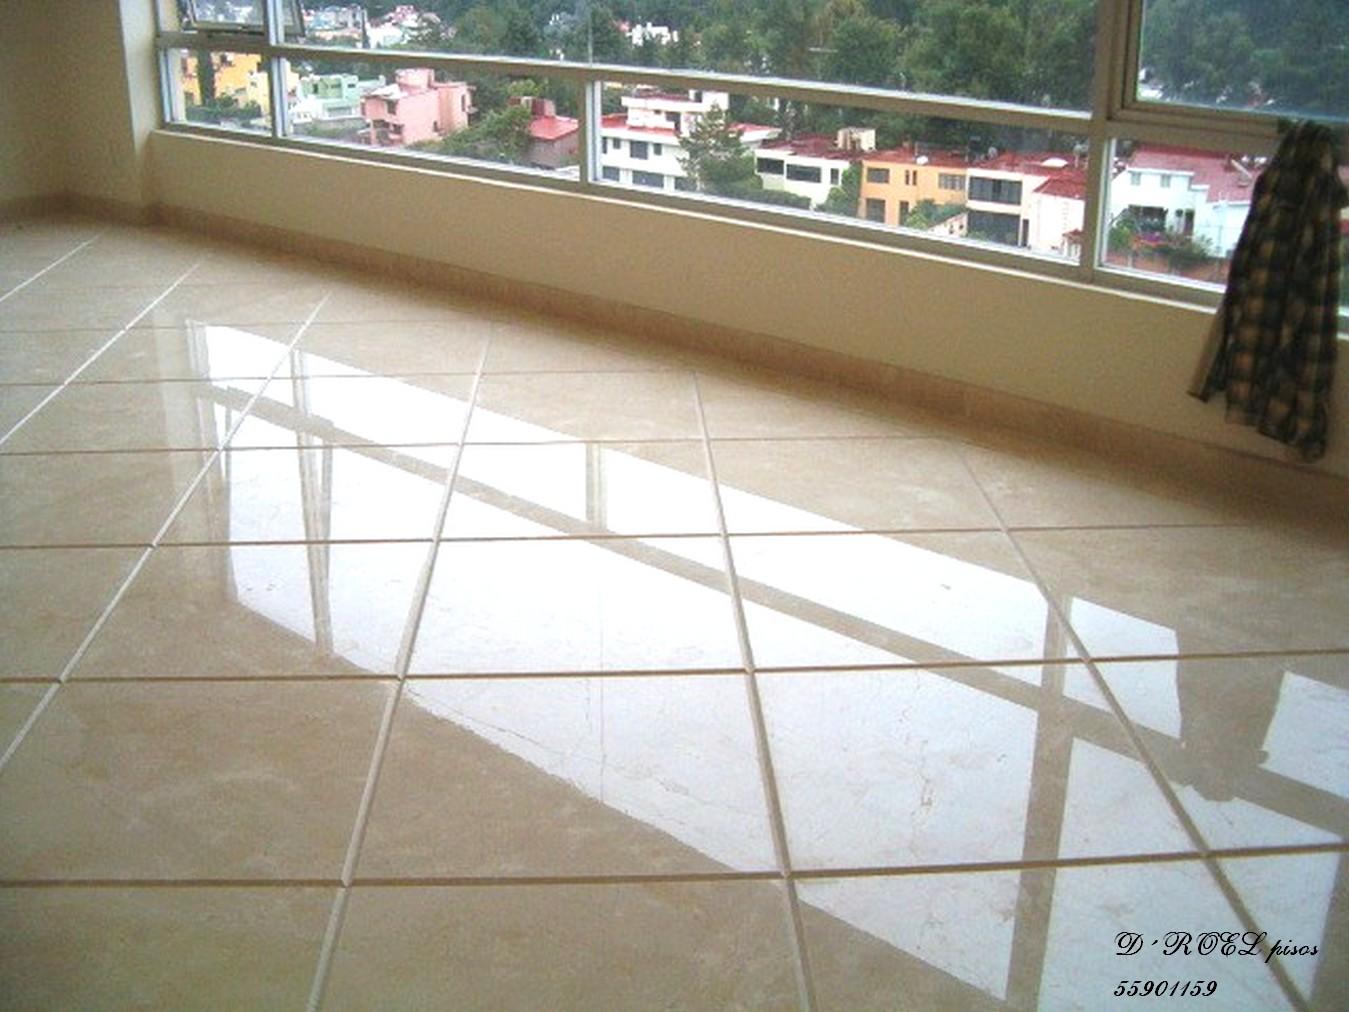 Droelpisosmexico marmol for Pisos de marmol para bano